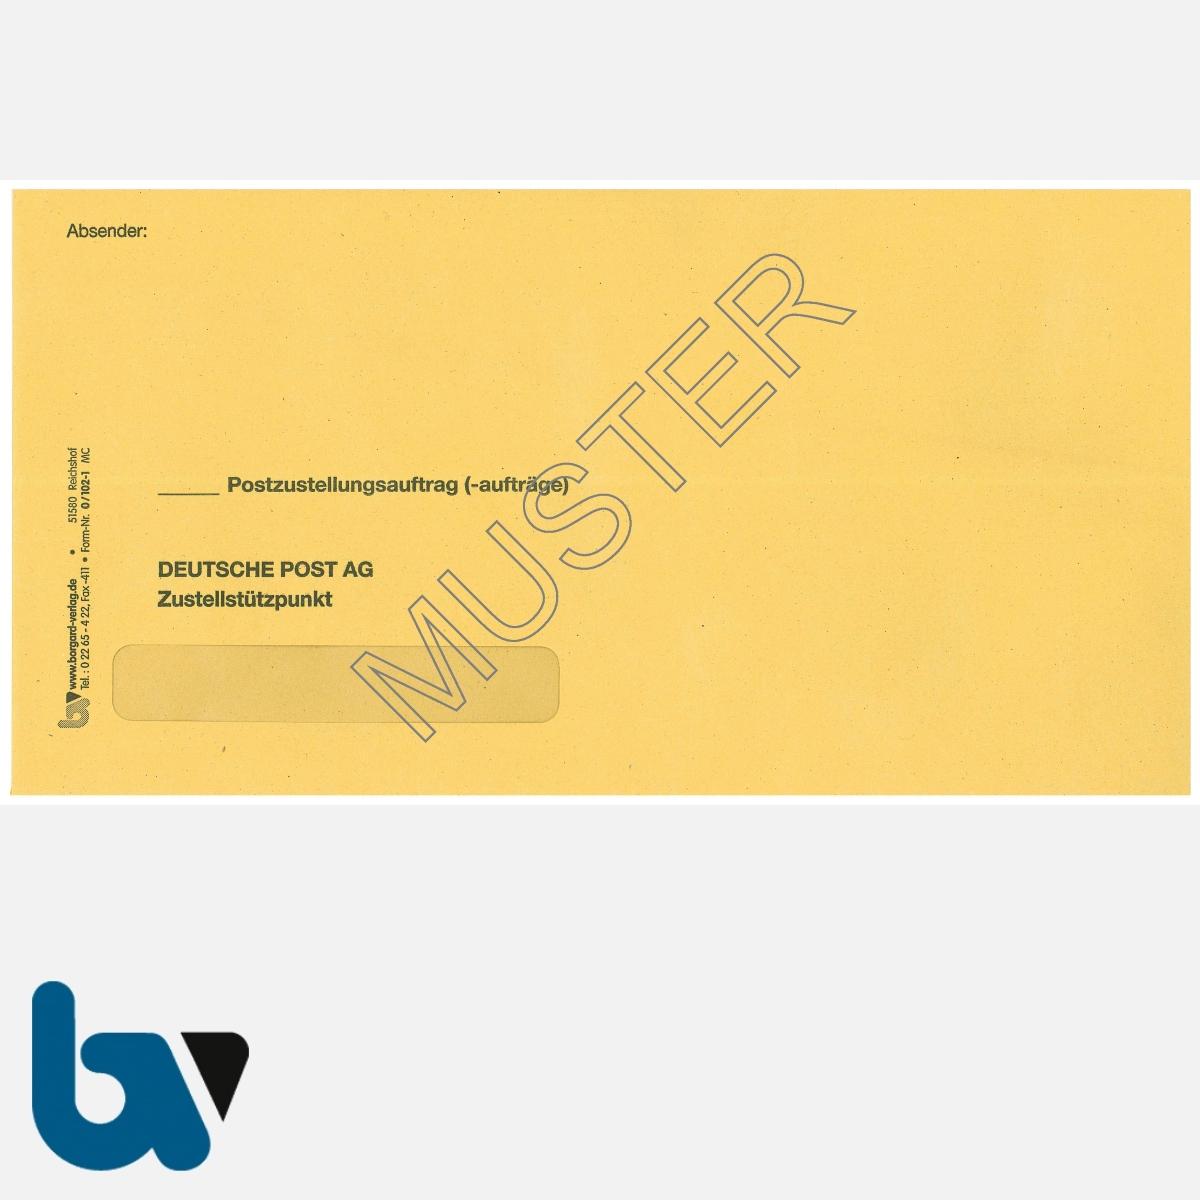 0/102-1 Postzustellungsauftrag - Äußerer Umschlag, DIN lang, mit Fenster, haftklebend, Vorderseite | Borgard Verlag GmbH